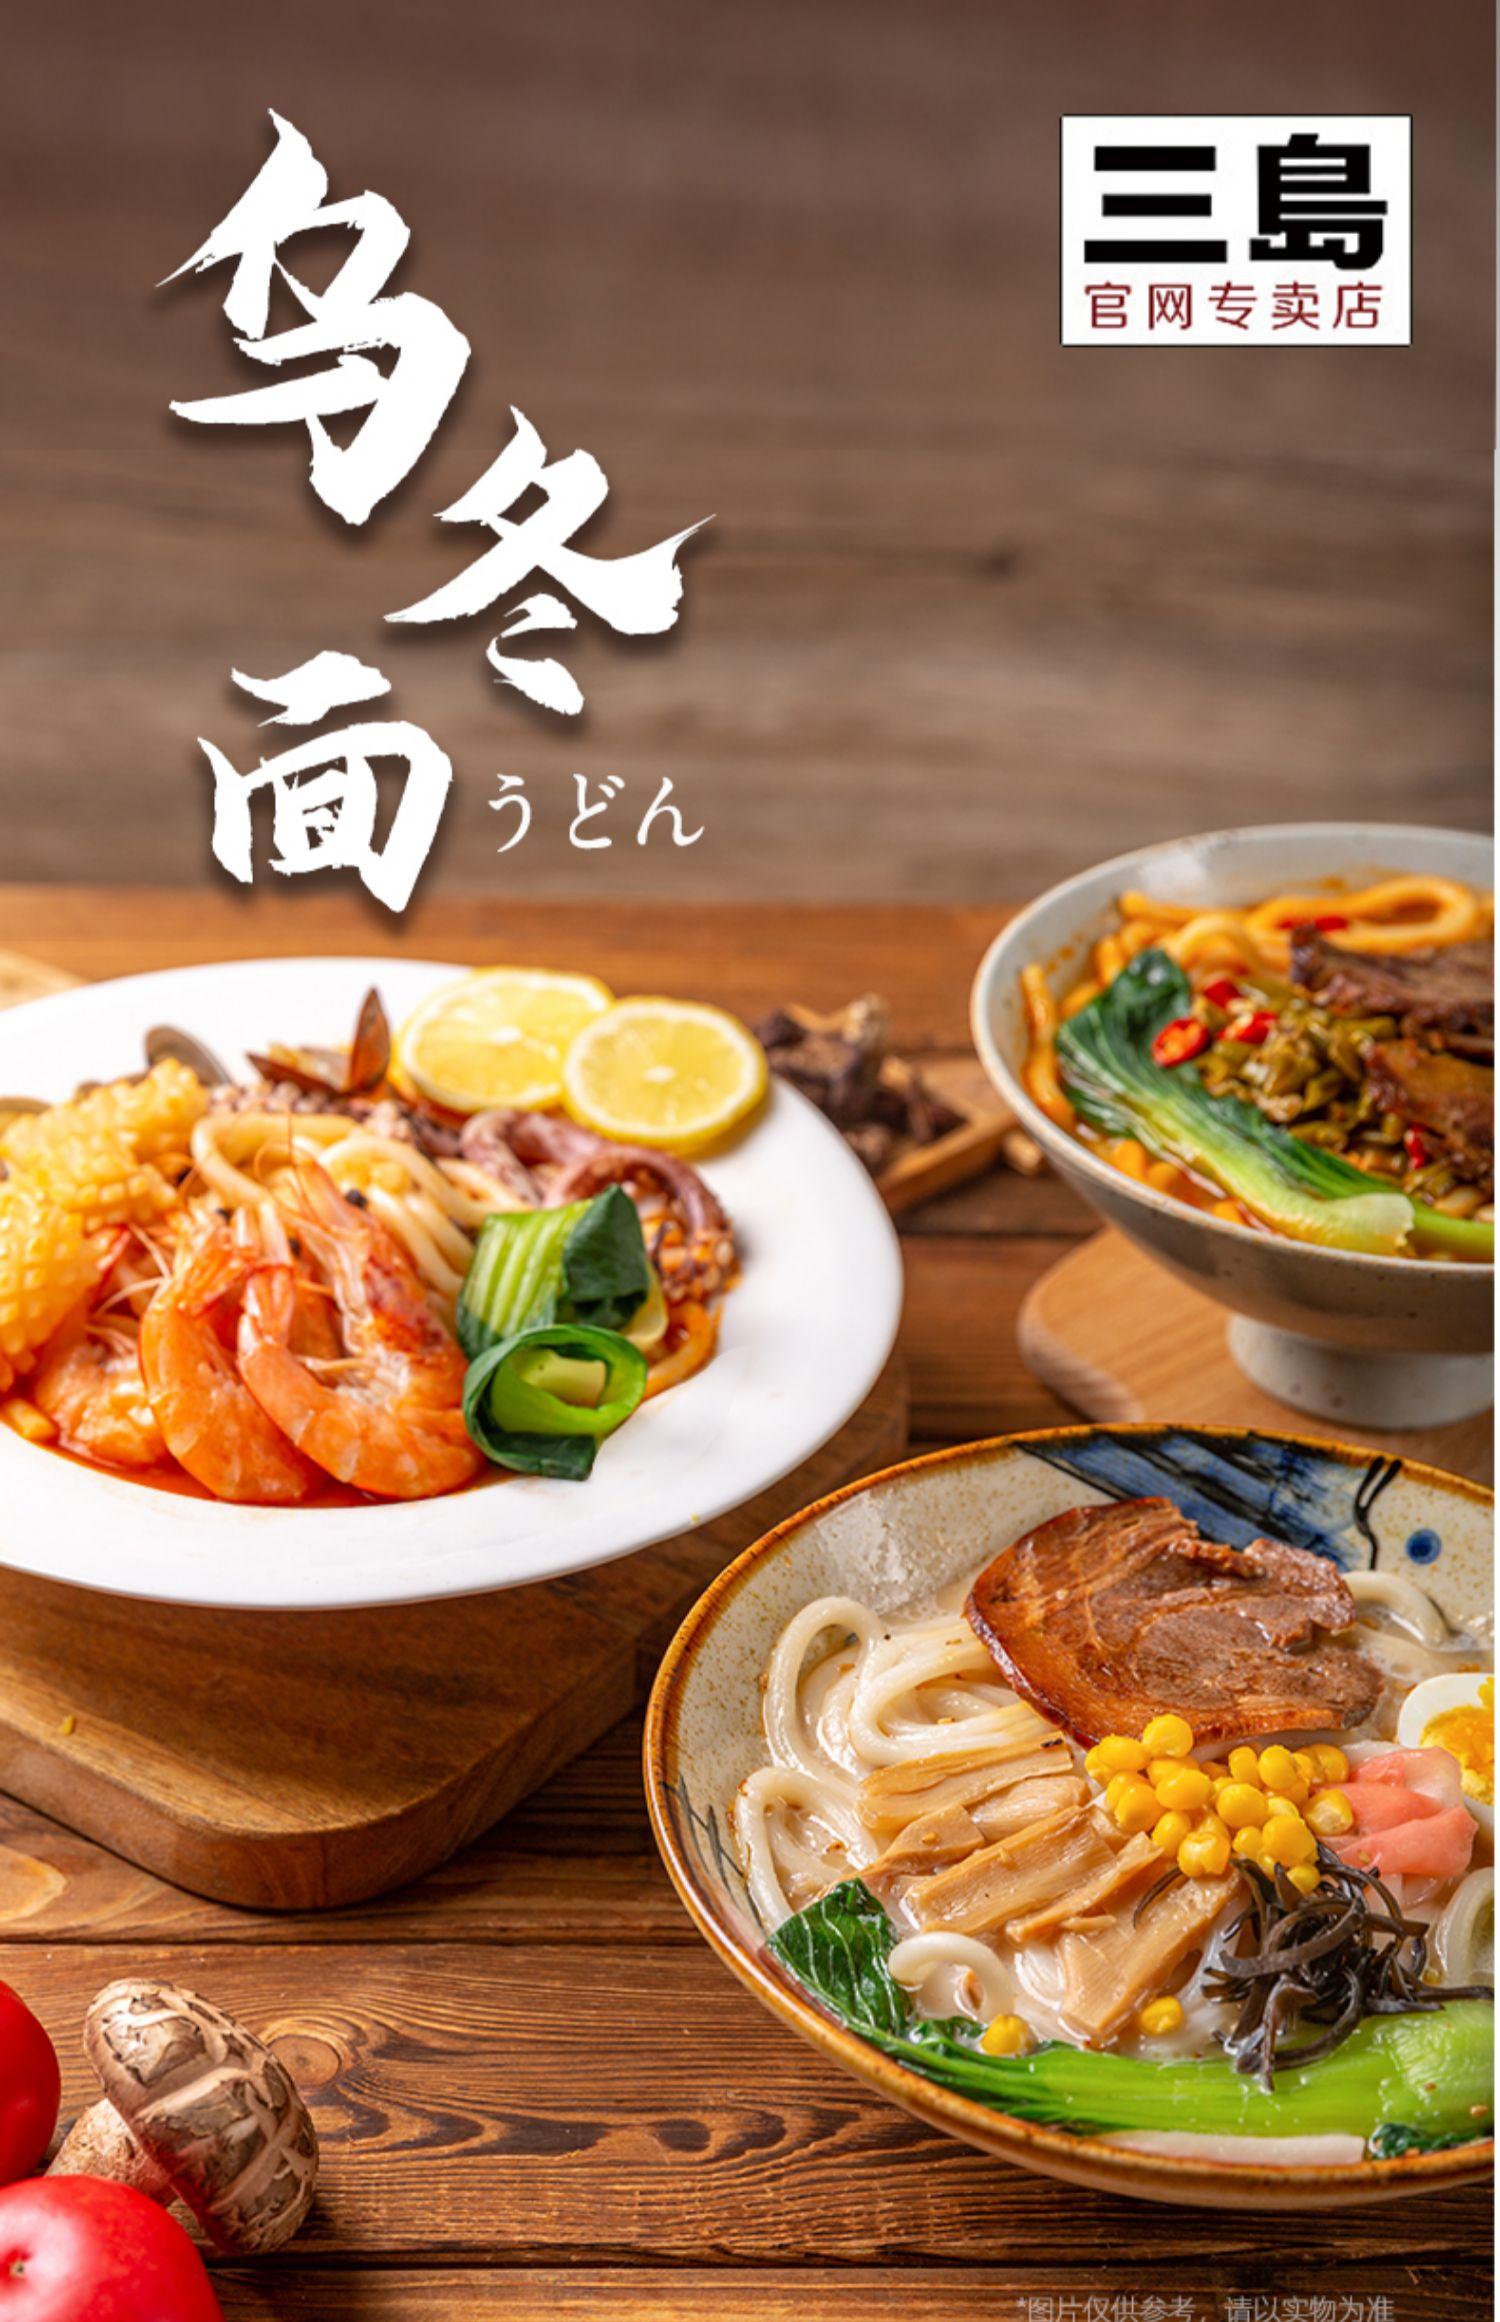 三岛日式油炸豚骨汤5包带包乌冬面